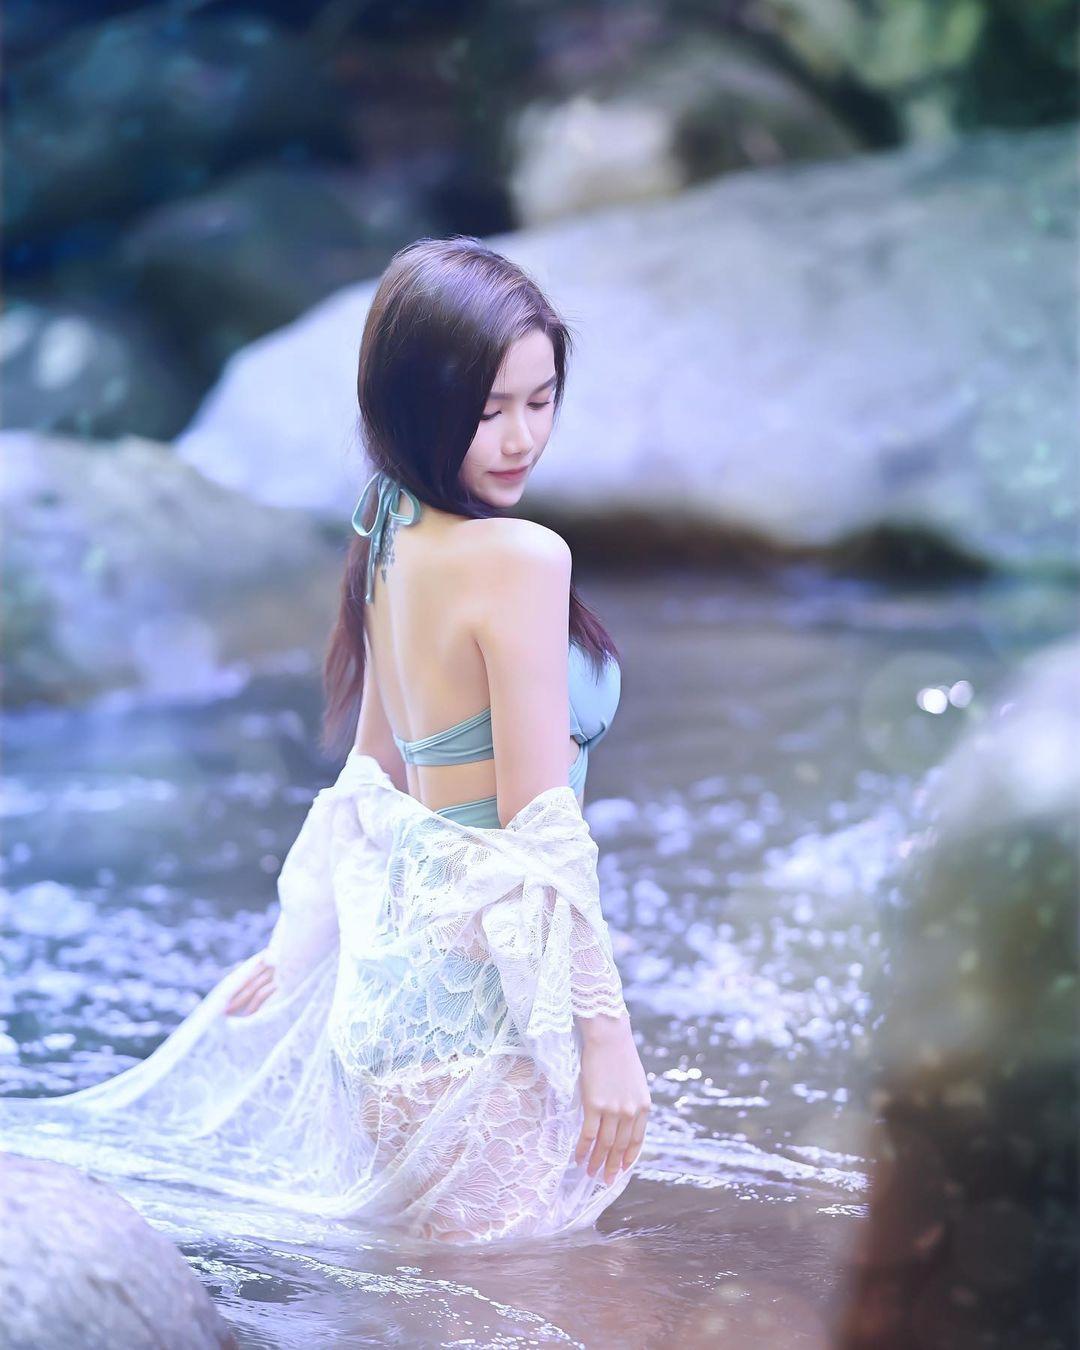 餐酒馆出没美腿正妹「湘茗DIORLYNA_Wong」,美胸细腰长腿的曲线很天然-新图包